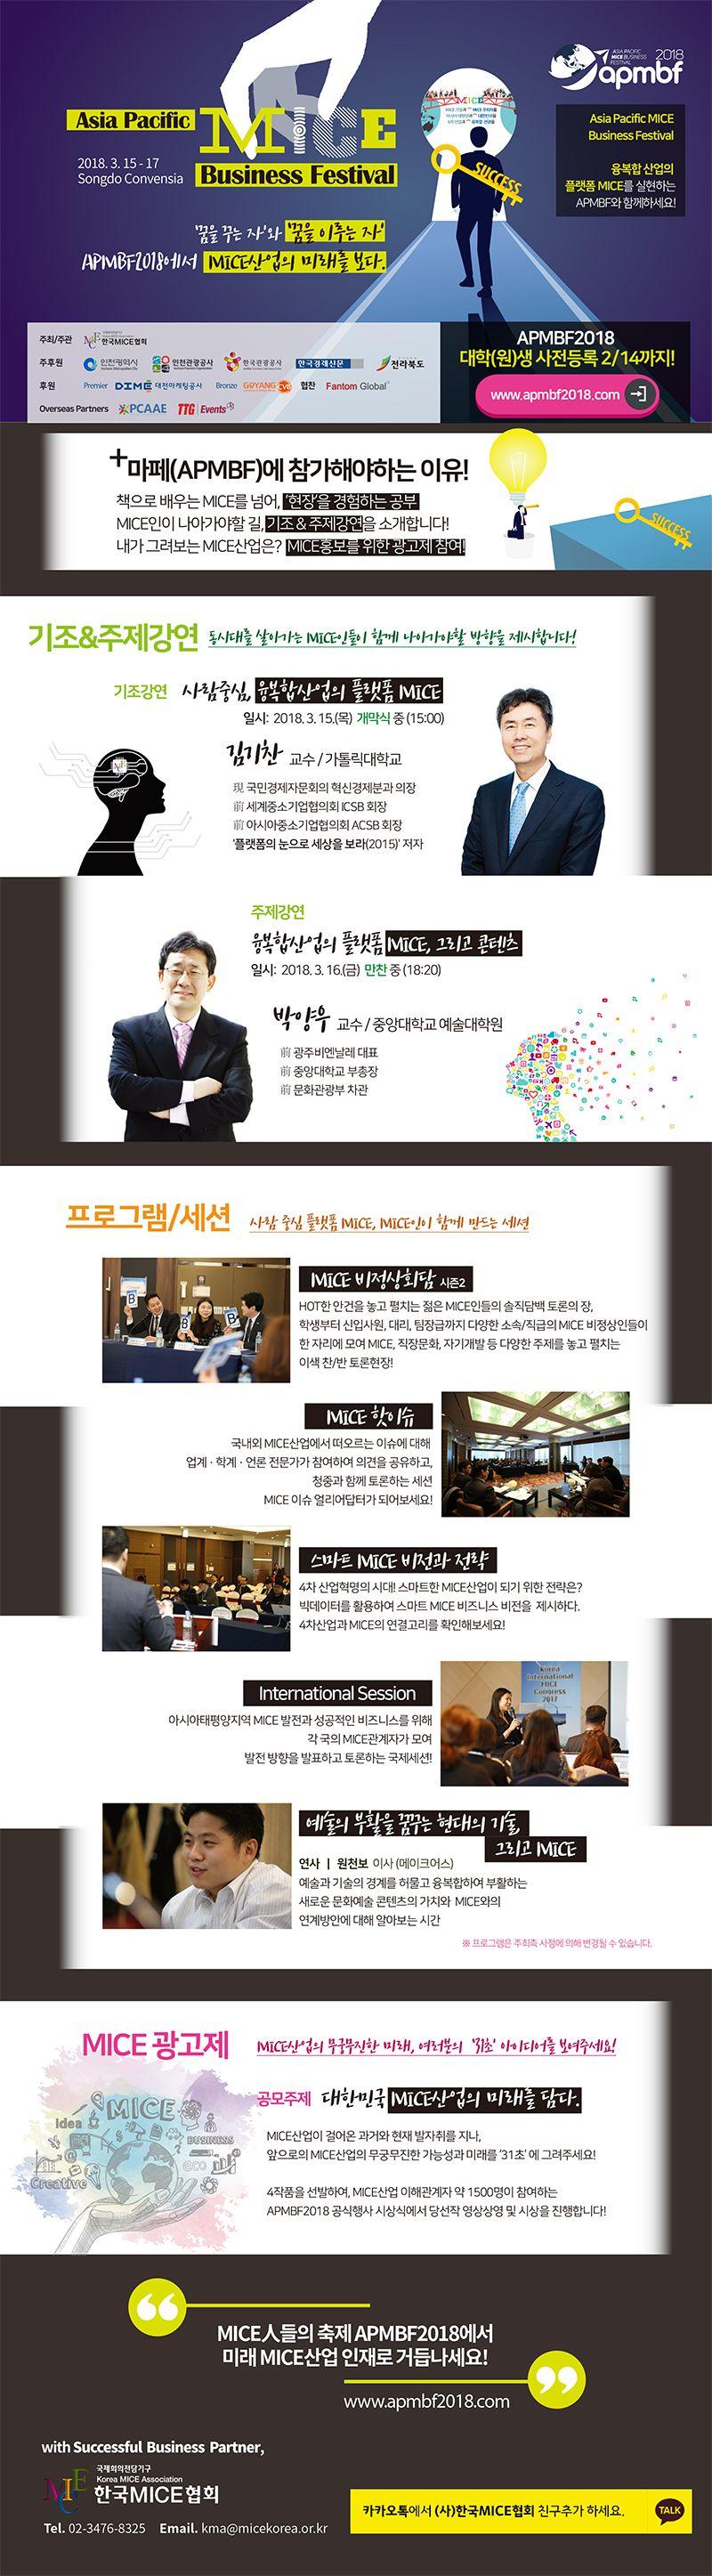 [한국MICE협회] MICE를 경험하라! 'APMBF2018' 대학생 참여 세션을 소개합니다! (~ 2/14 )